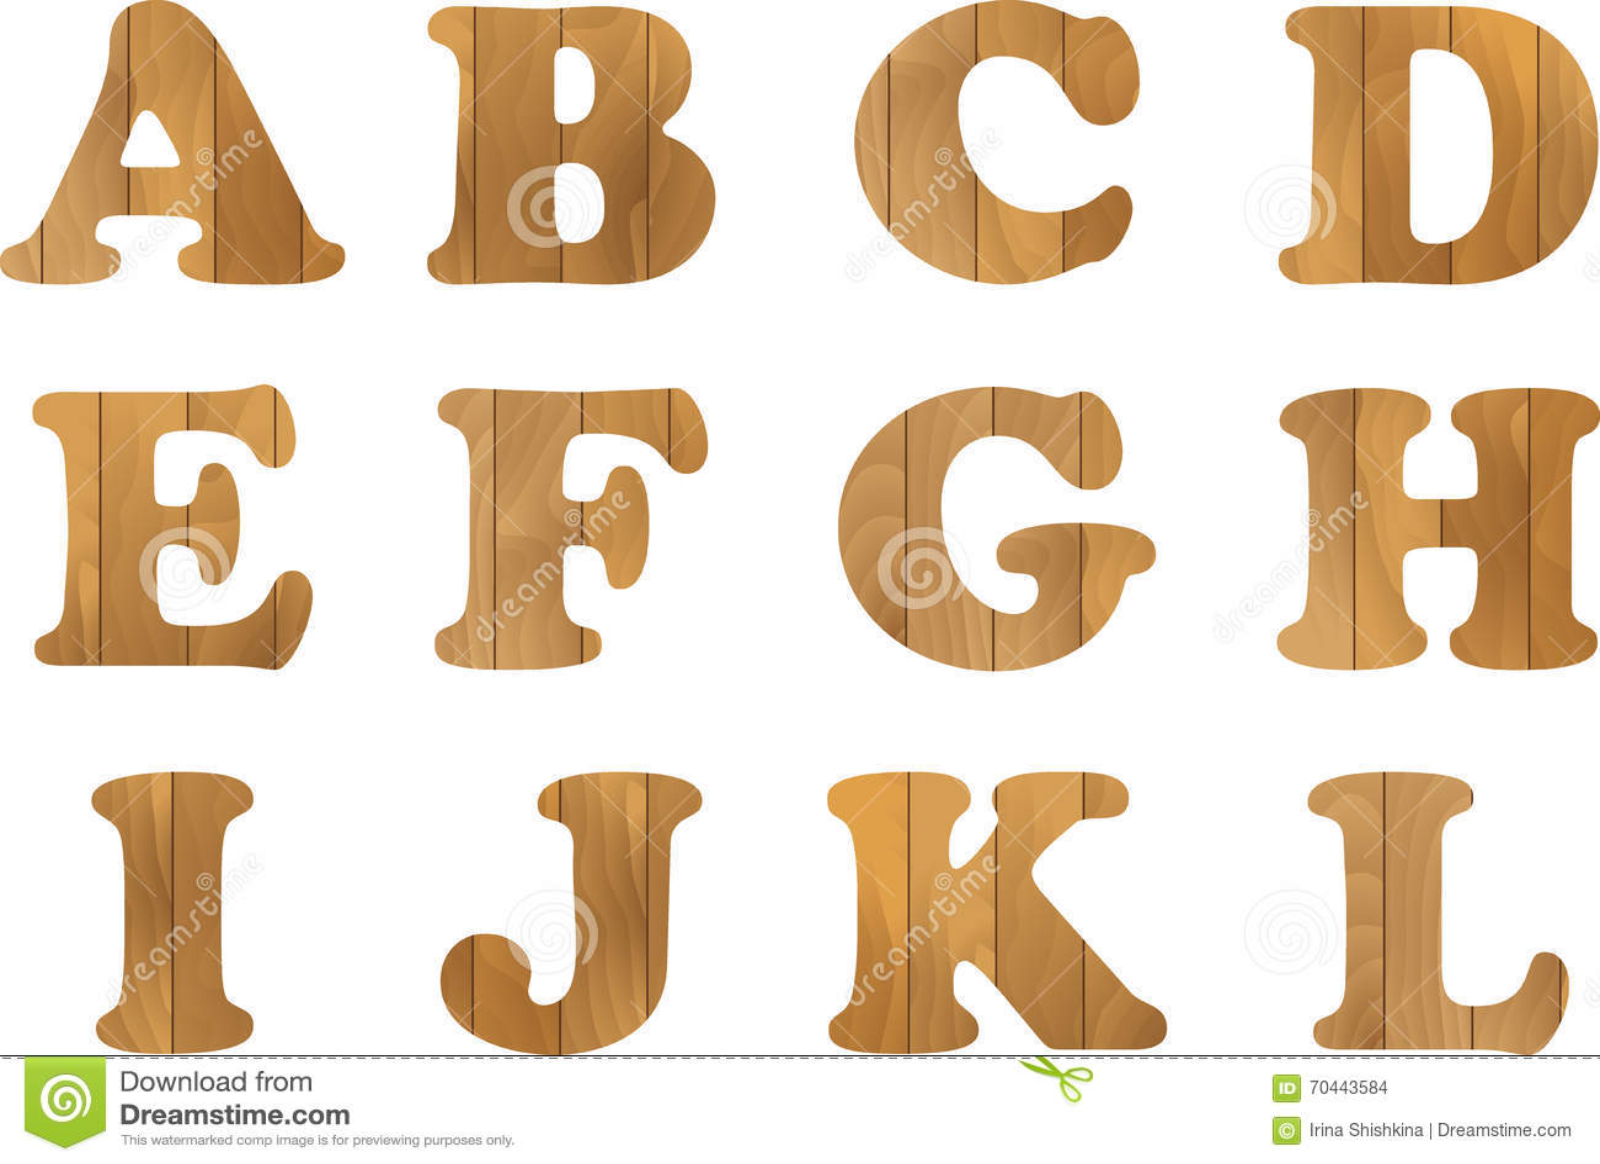 El alfabeto de madera vector fij con las letras de - Letras en madera ...